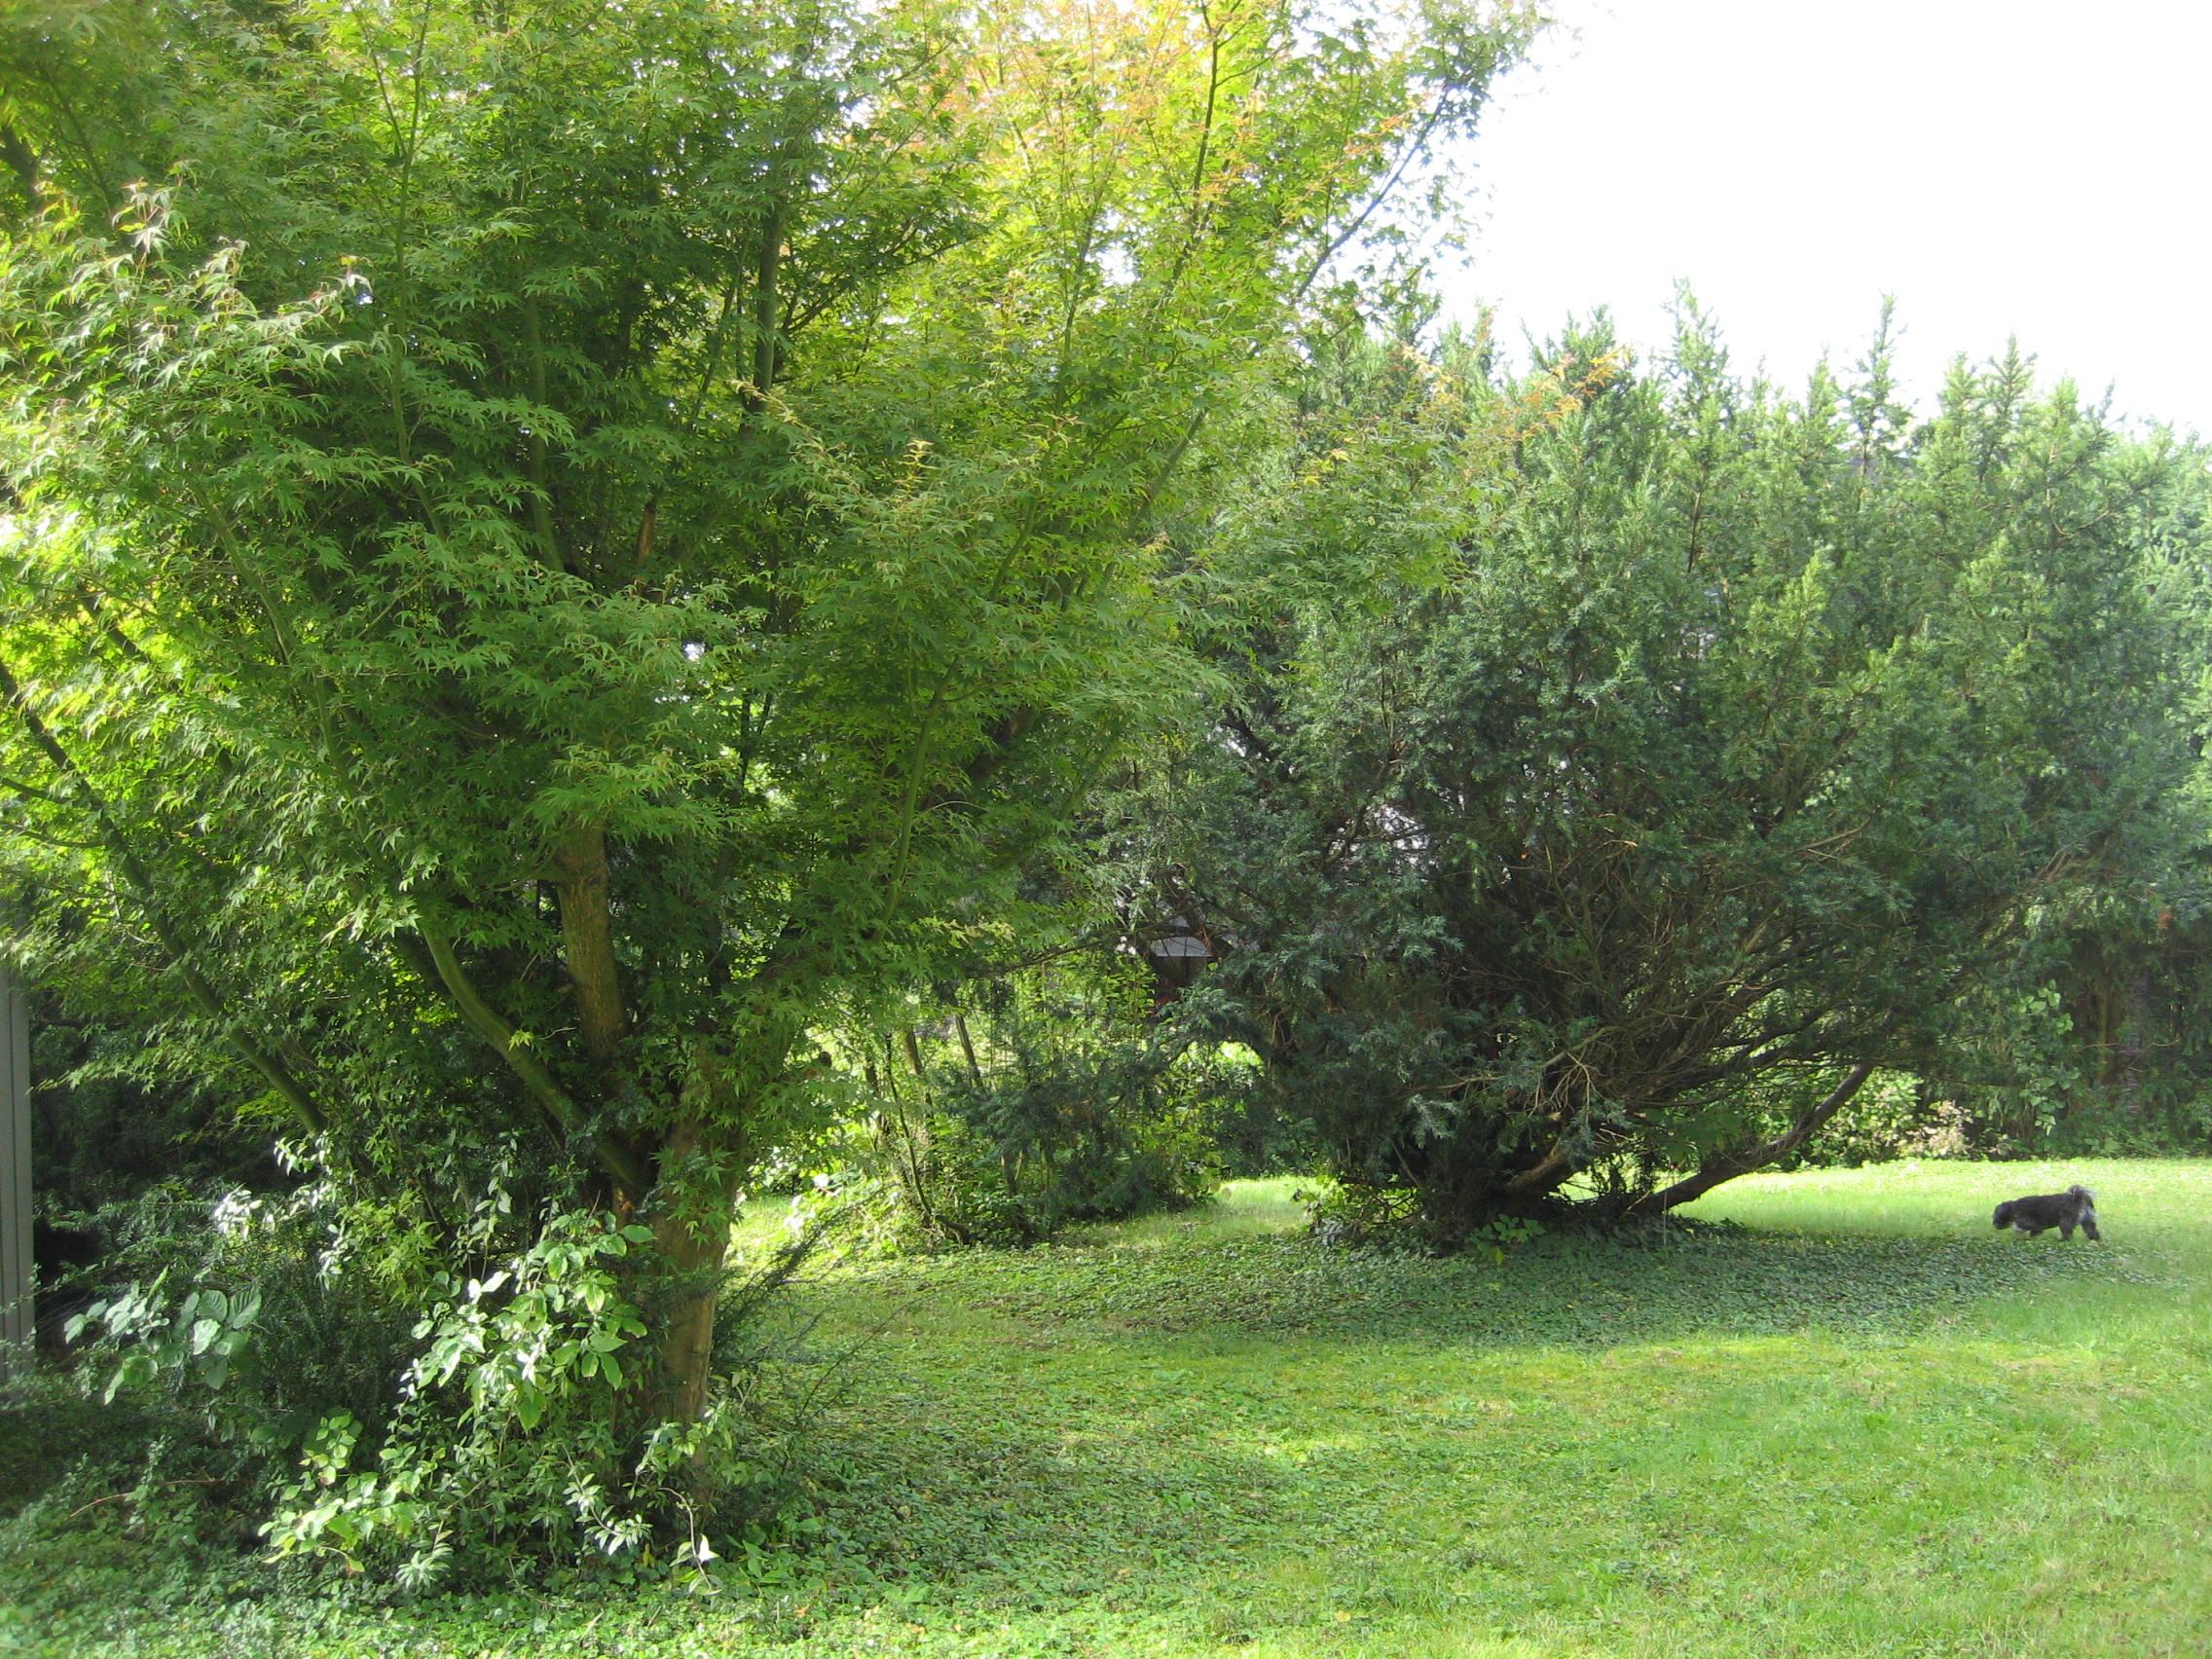 garden design garden design with backyard ideas for dogs u small